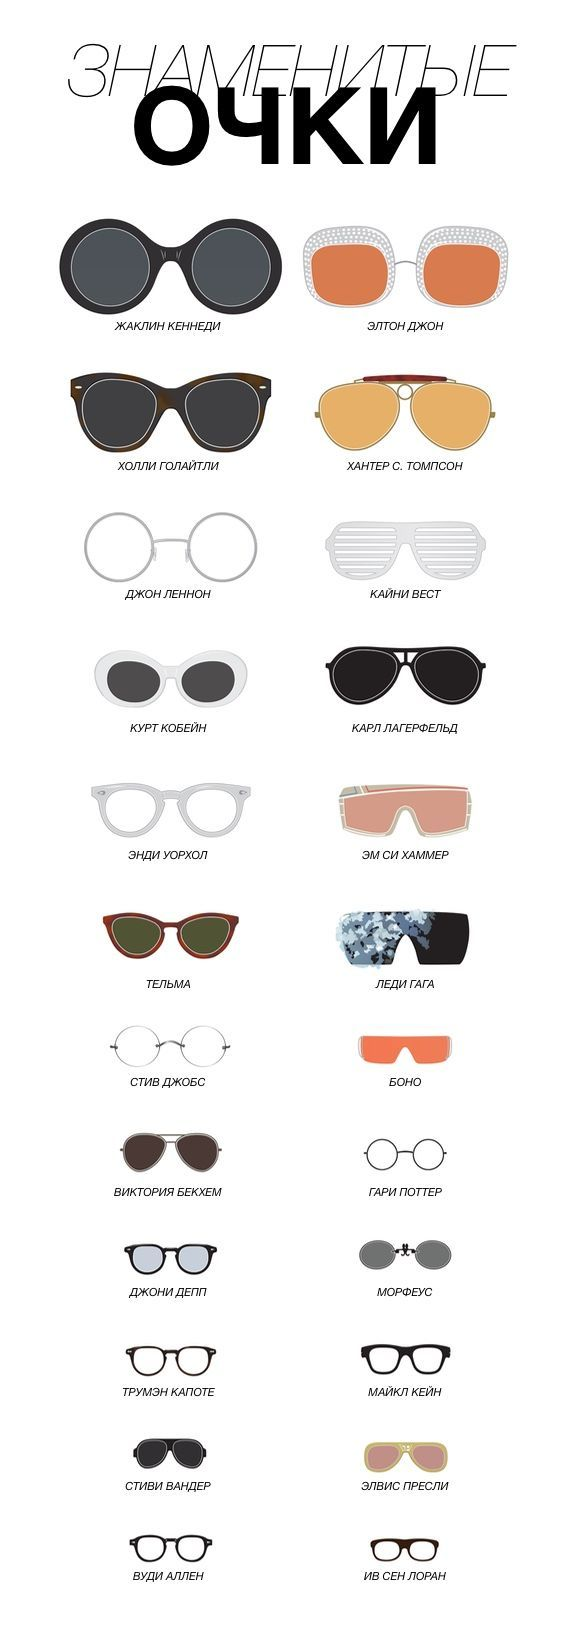 Порой очки становится частью образа так удачно, что их форма начинает ассоциироваться с человеком. Смотрим вошедшие в историю примеры в виде инфографики - http://www.yapokupayu.ru/blogs/post/infografika-znamenitye-opravy